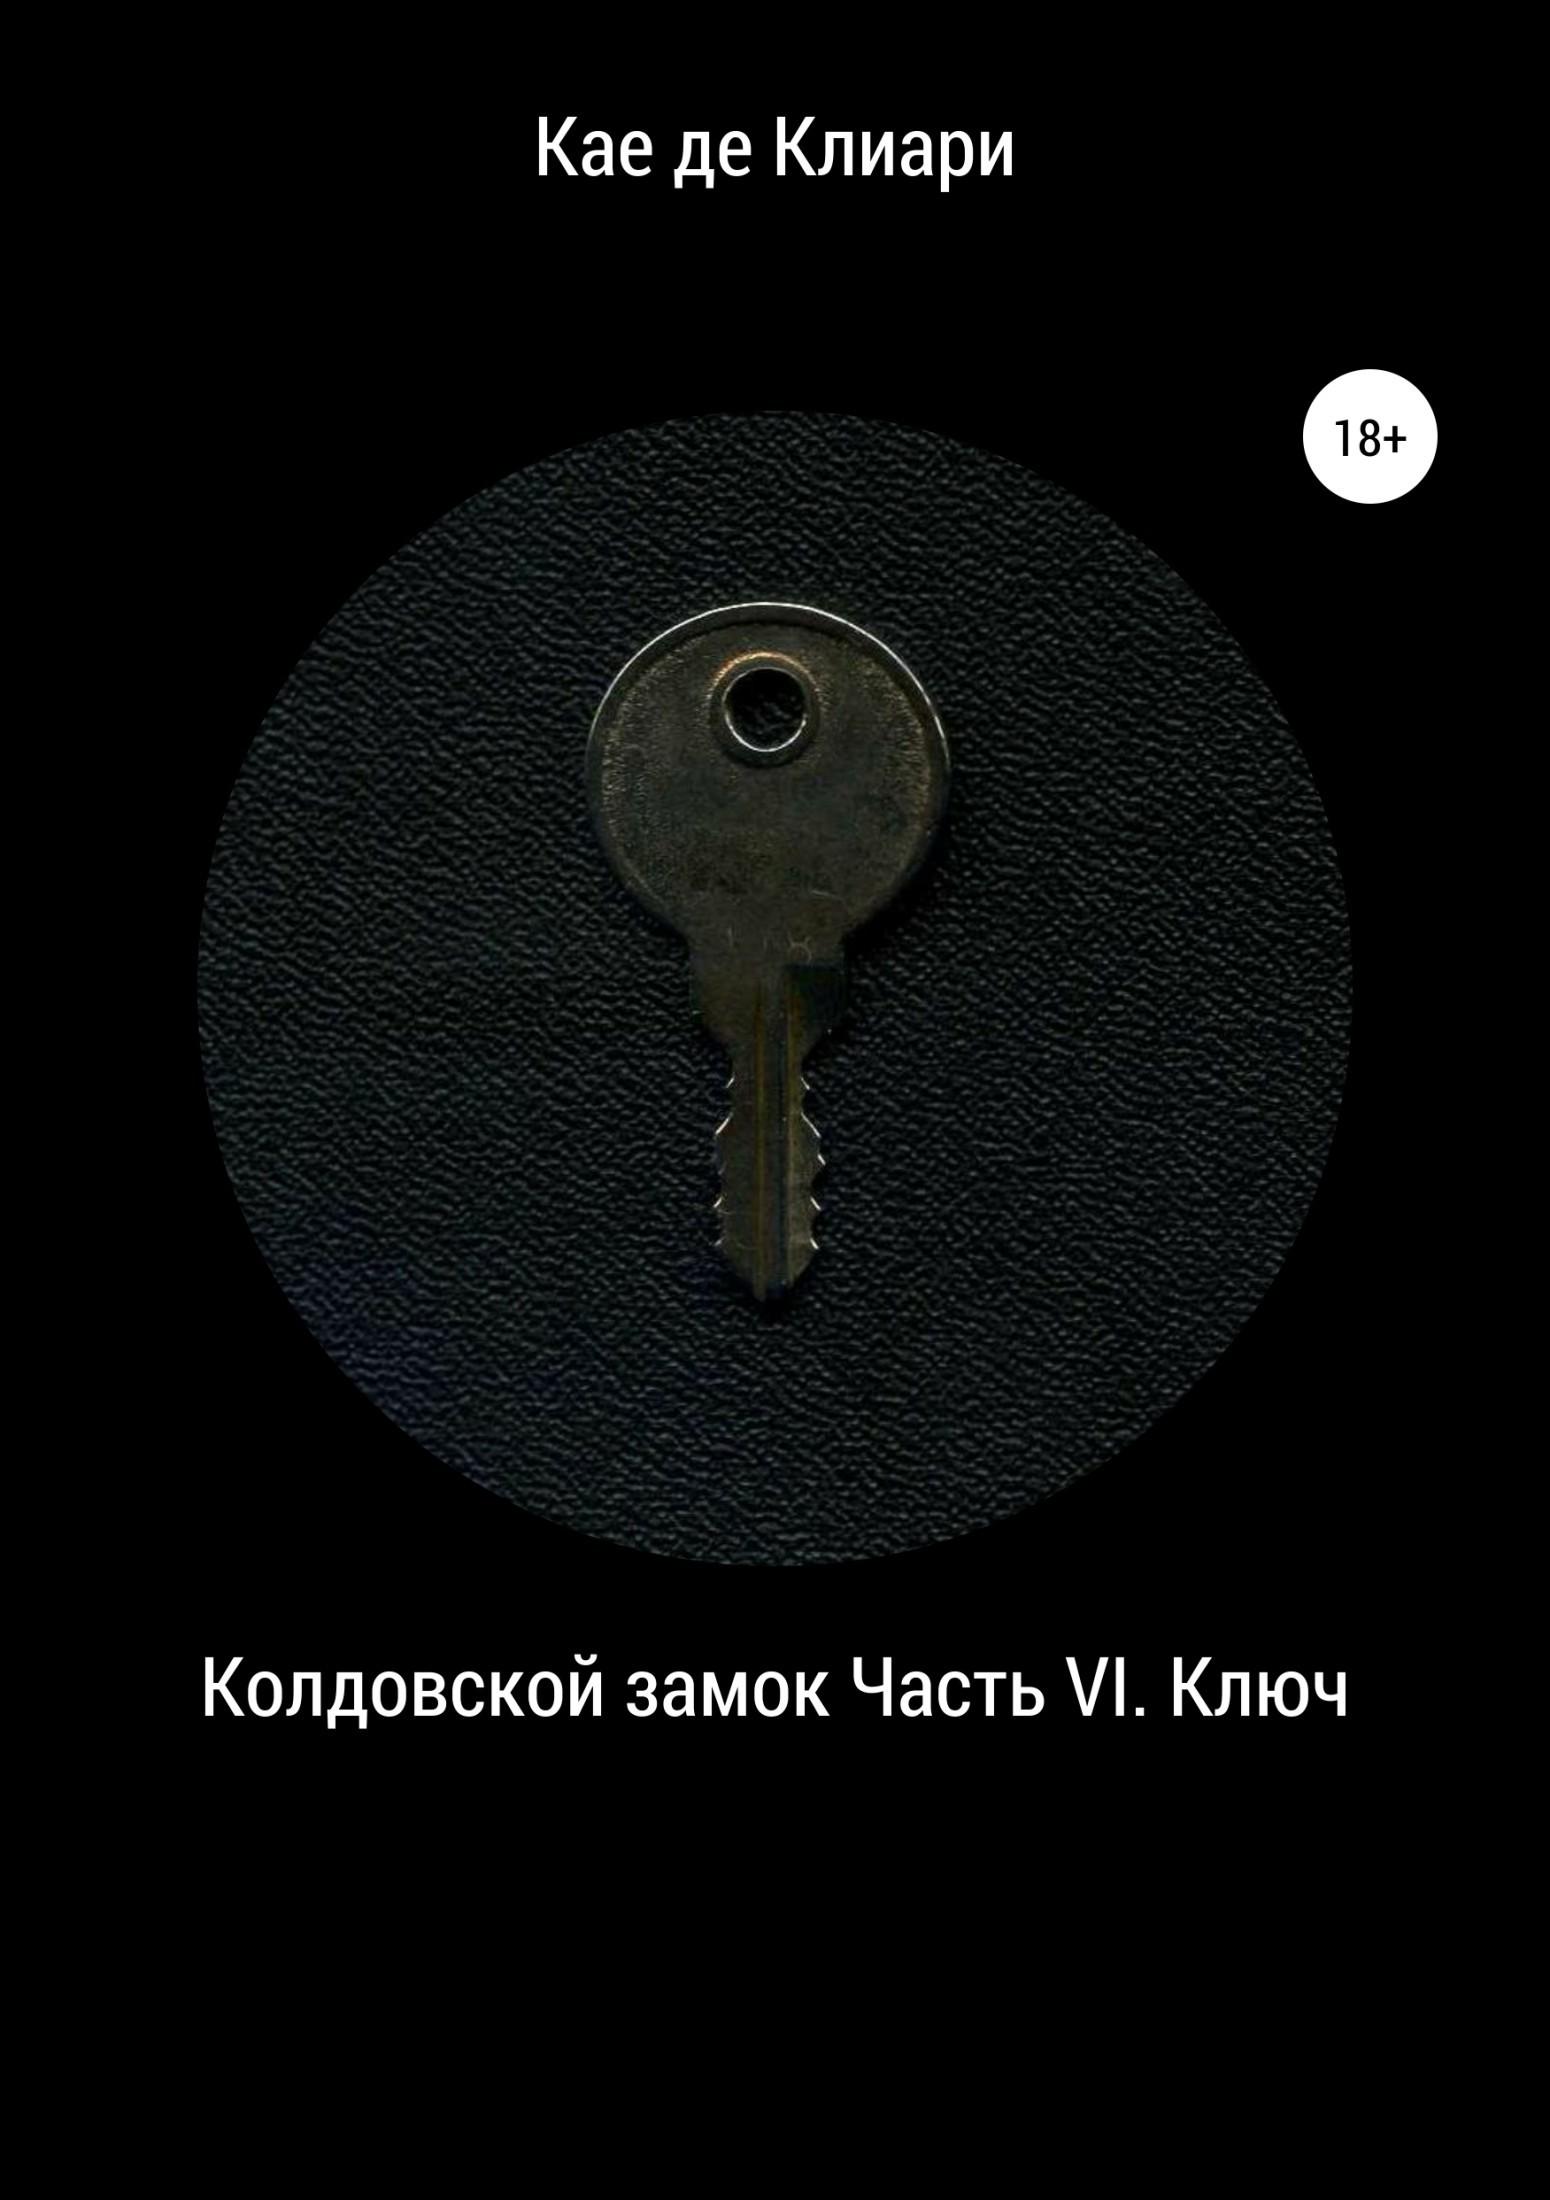 Кае де Клиари Колдовской замок. Часть VI. Ключ суздалева м кайгородова а нет бардаку или как навести порядок в детской вместе с ребенком